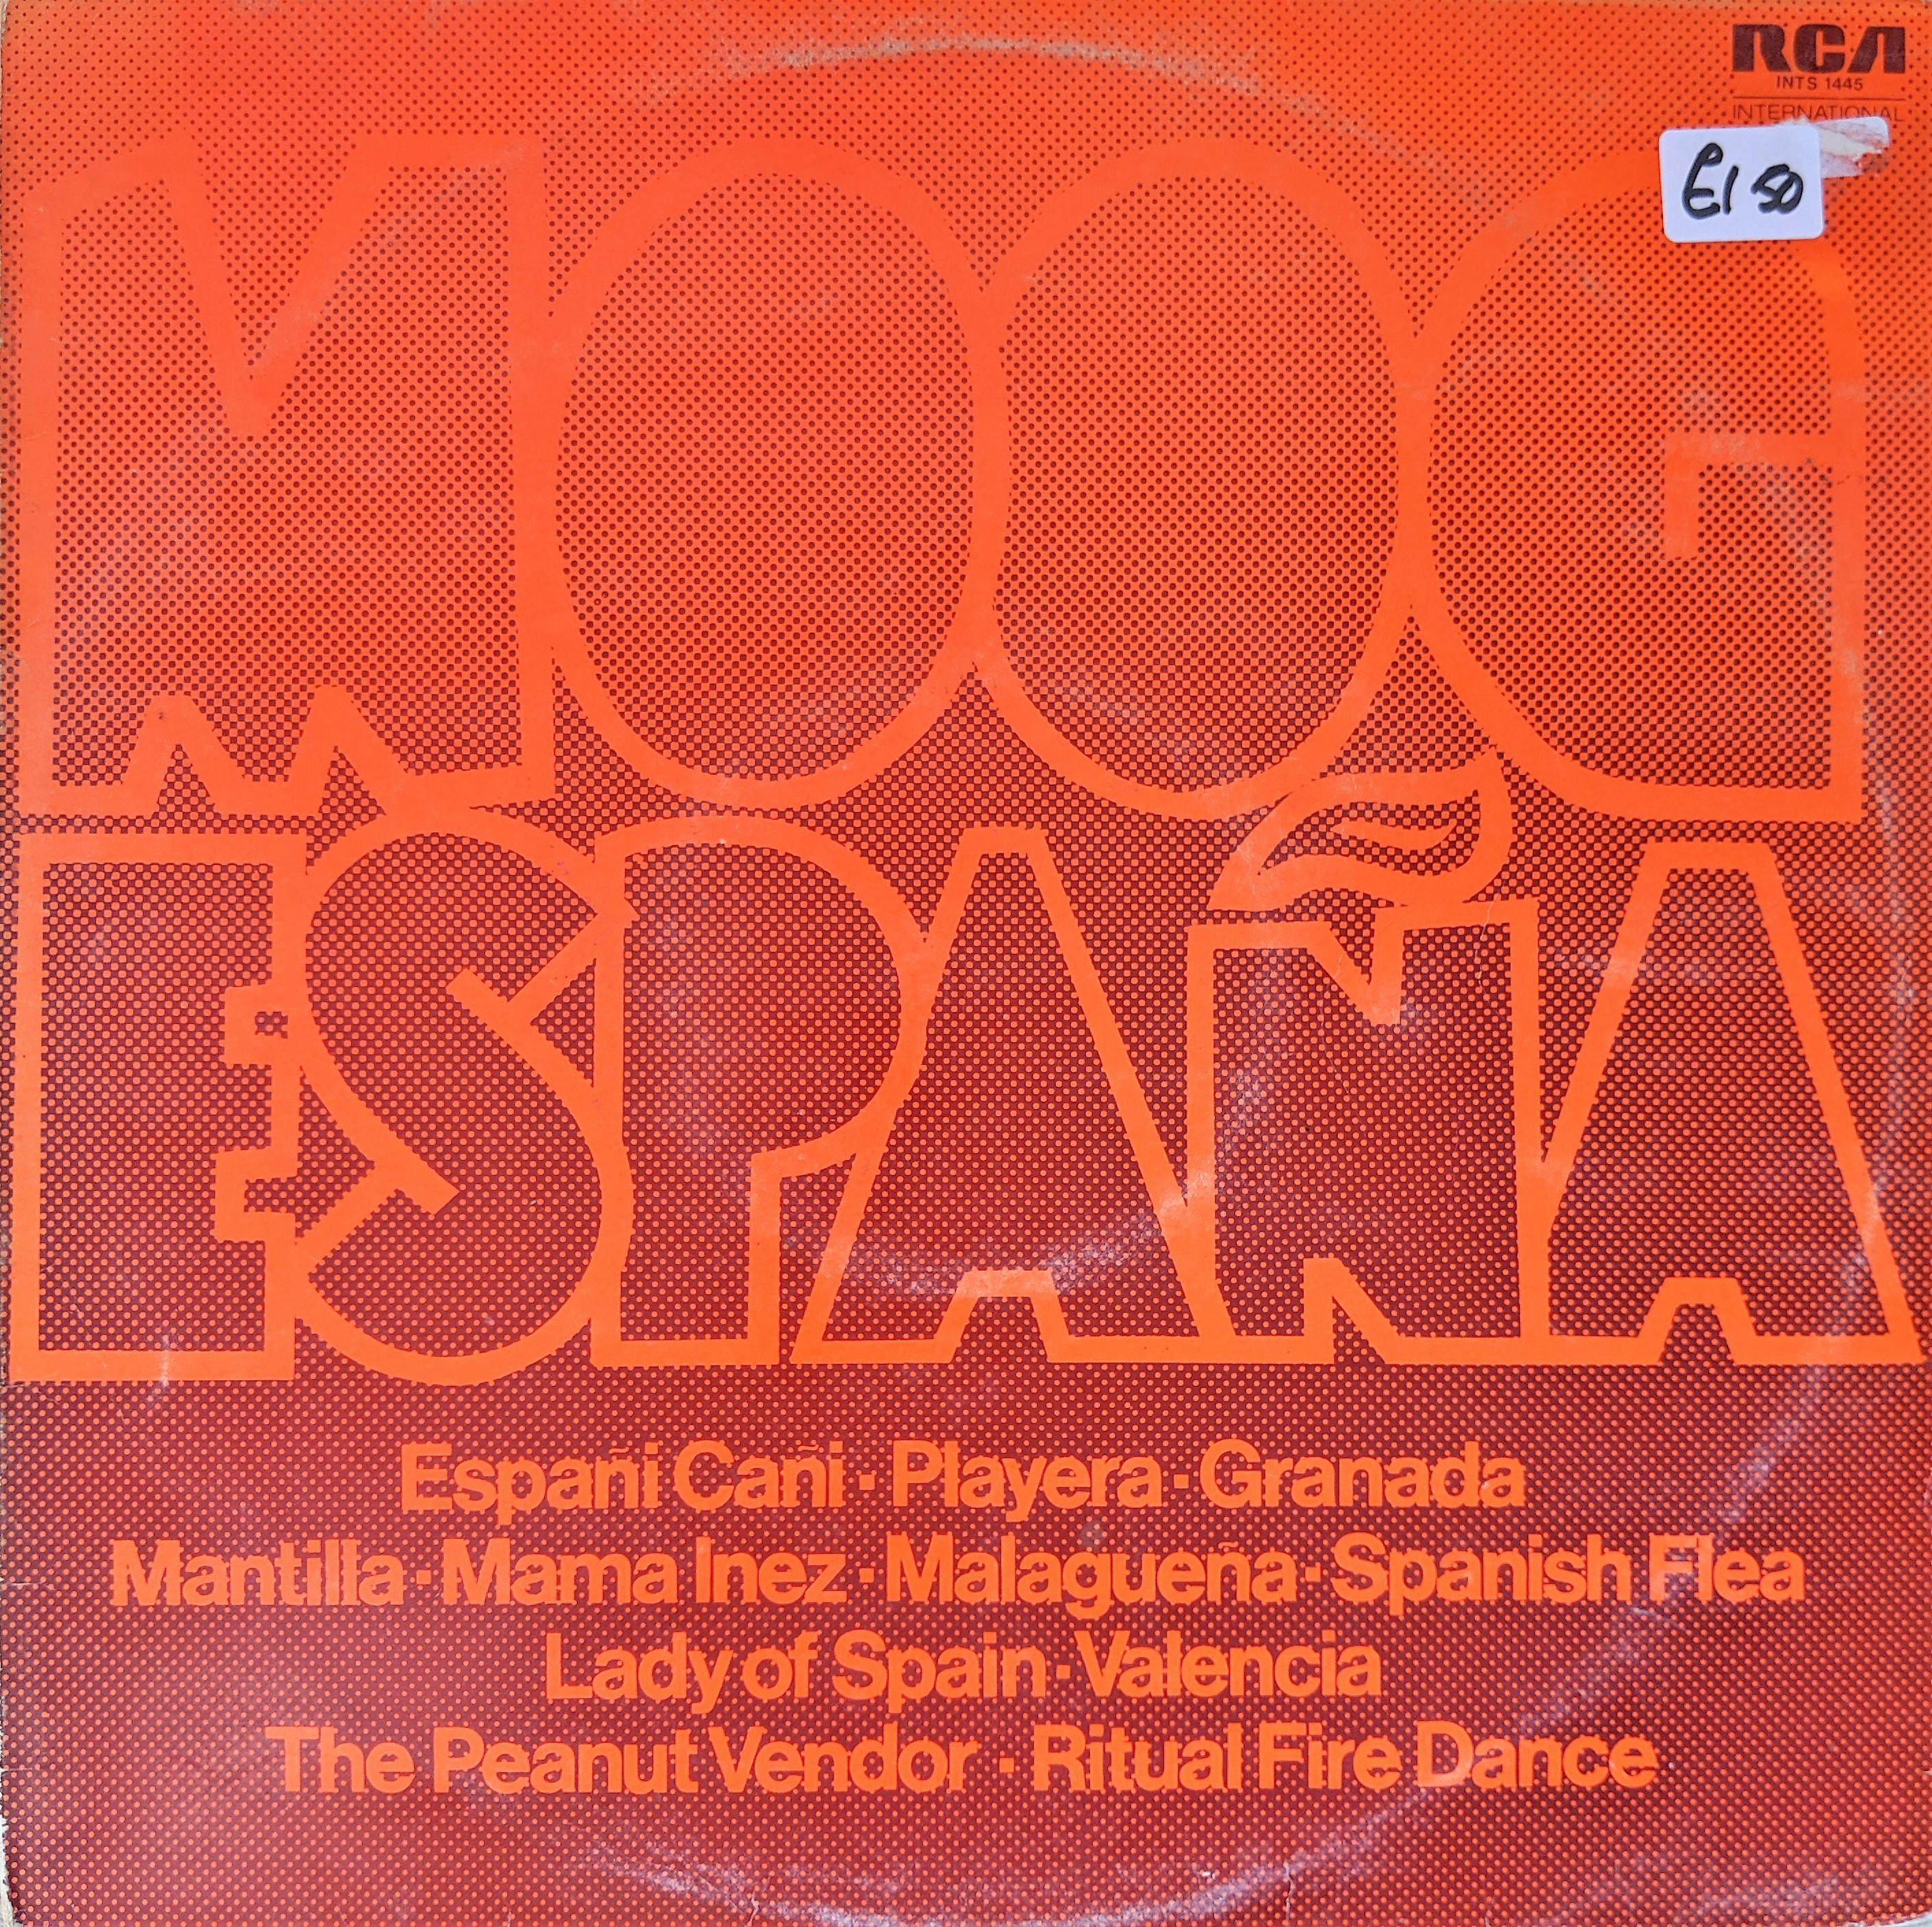 Moog Espana